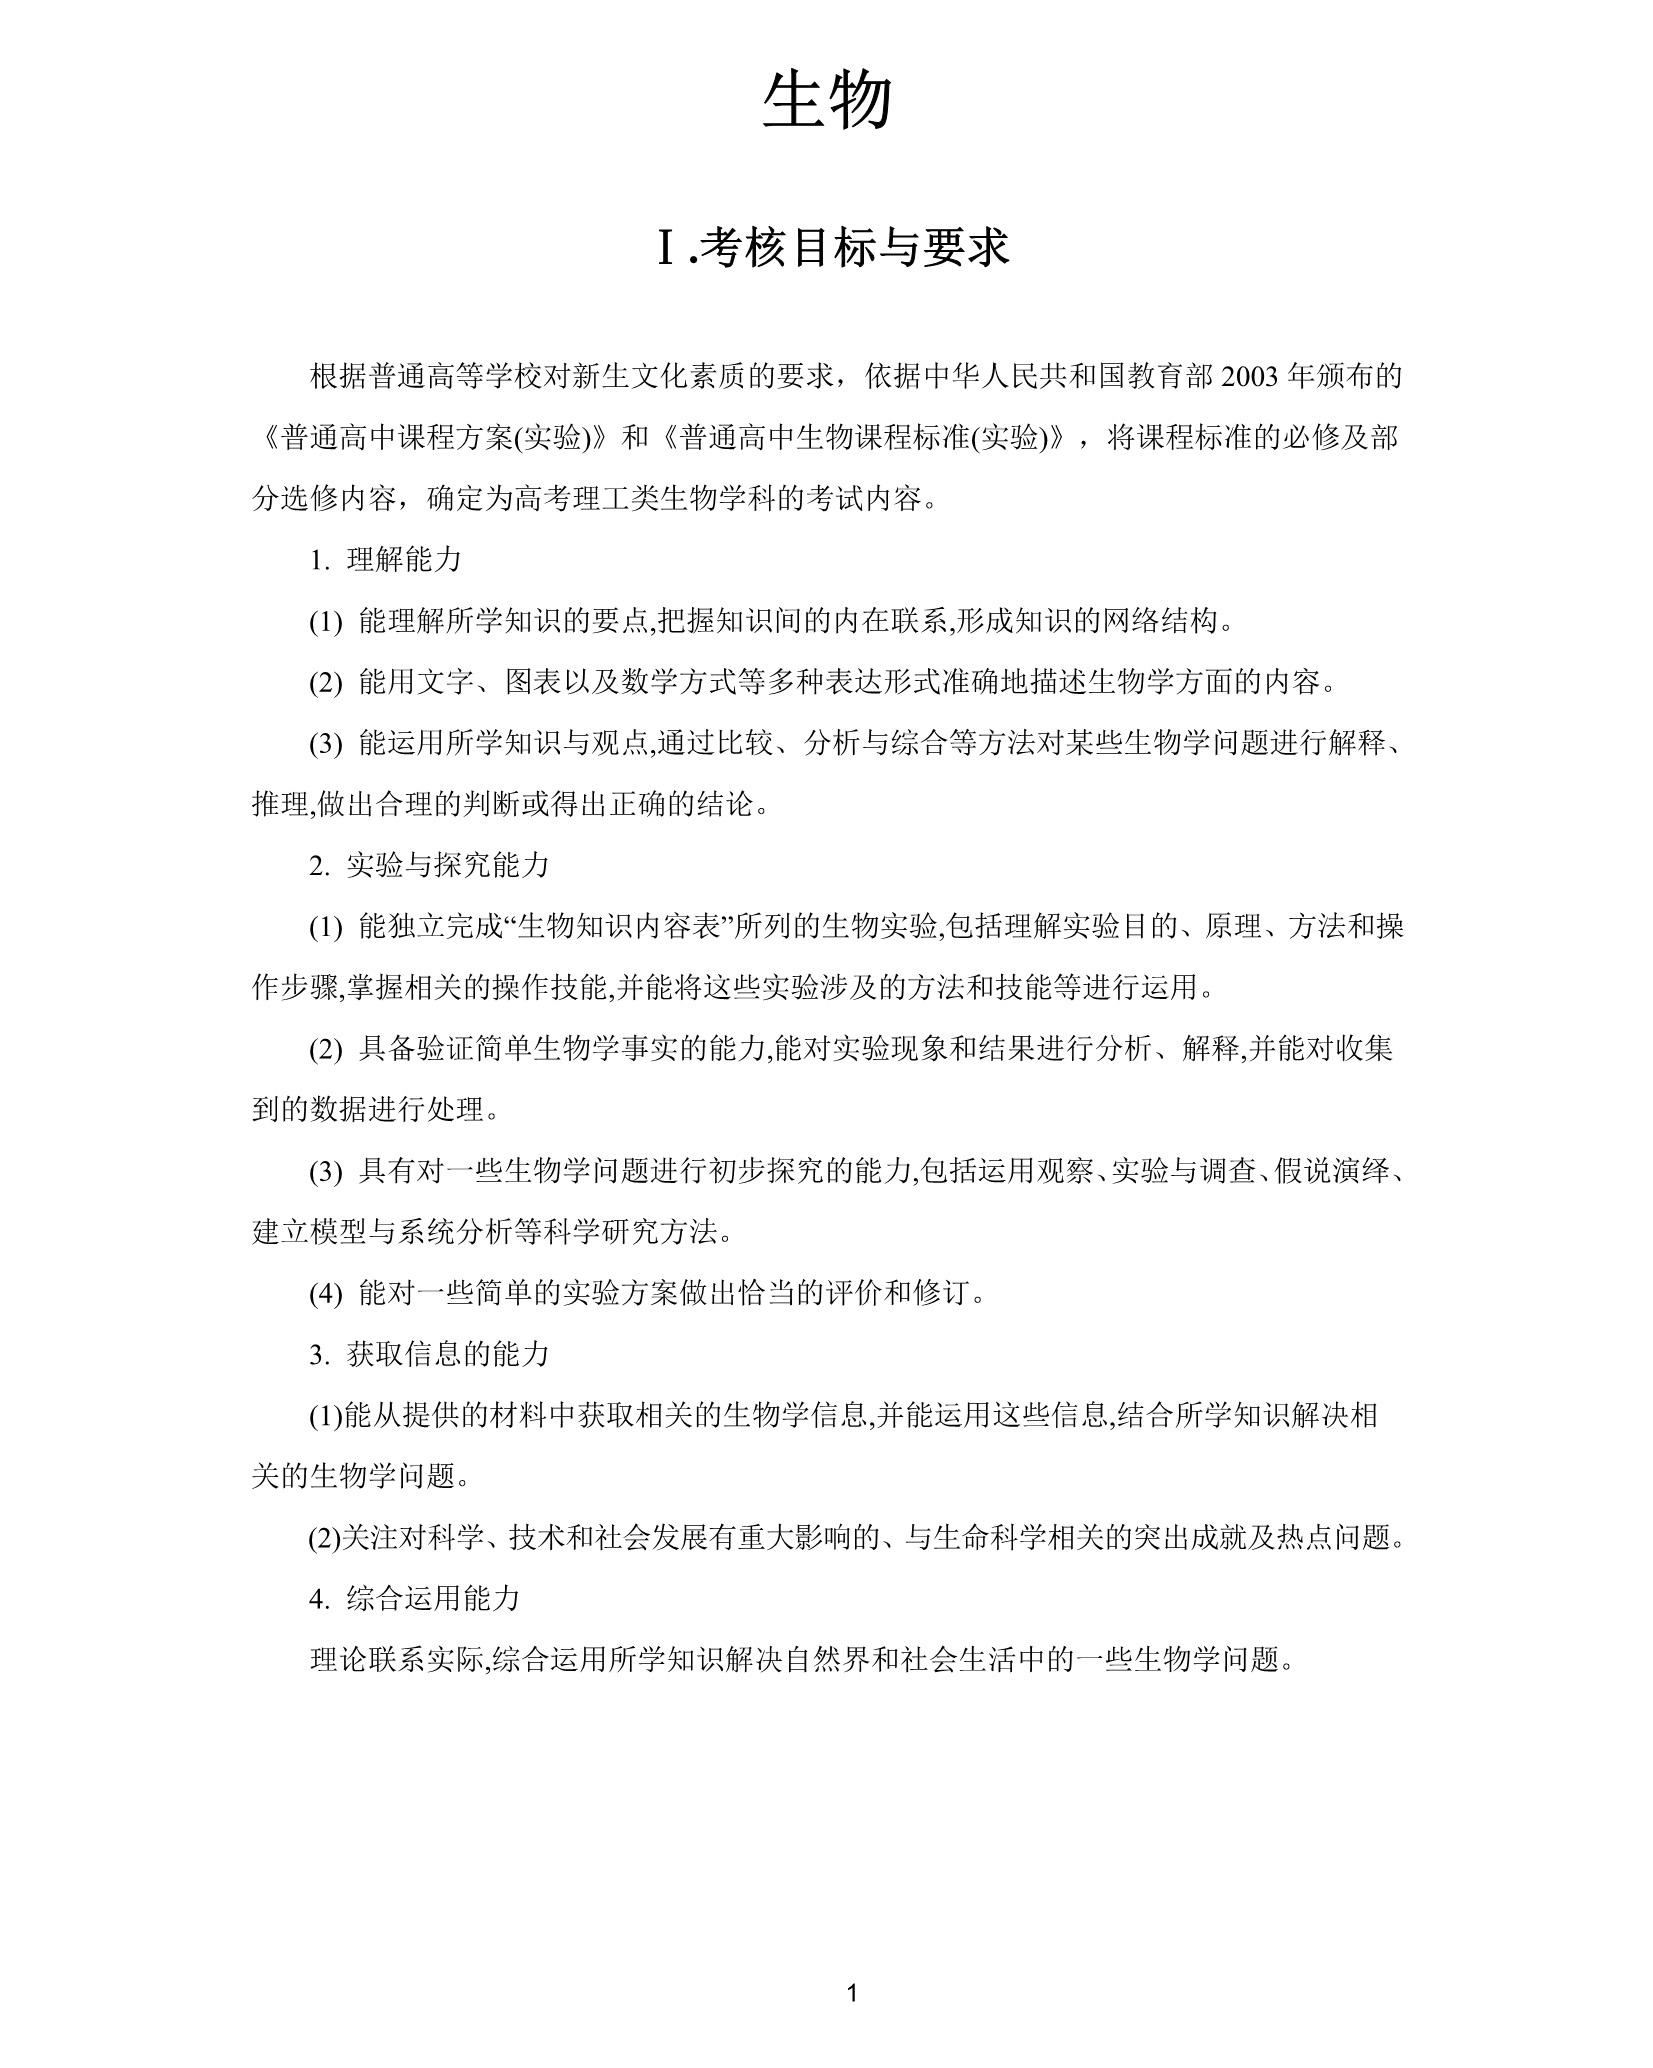 2018年江苏高考考试大纲,江苏高考生物考试,江苏高考